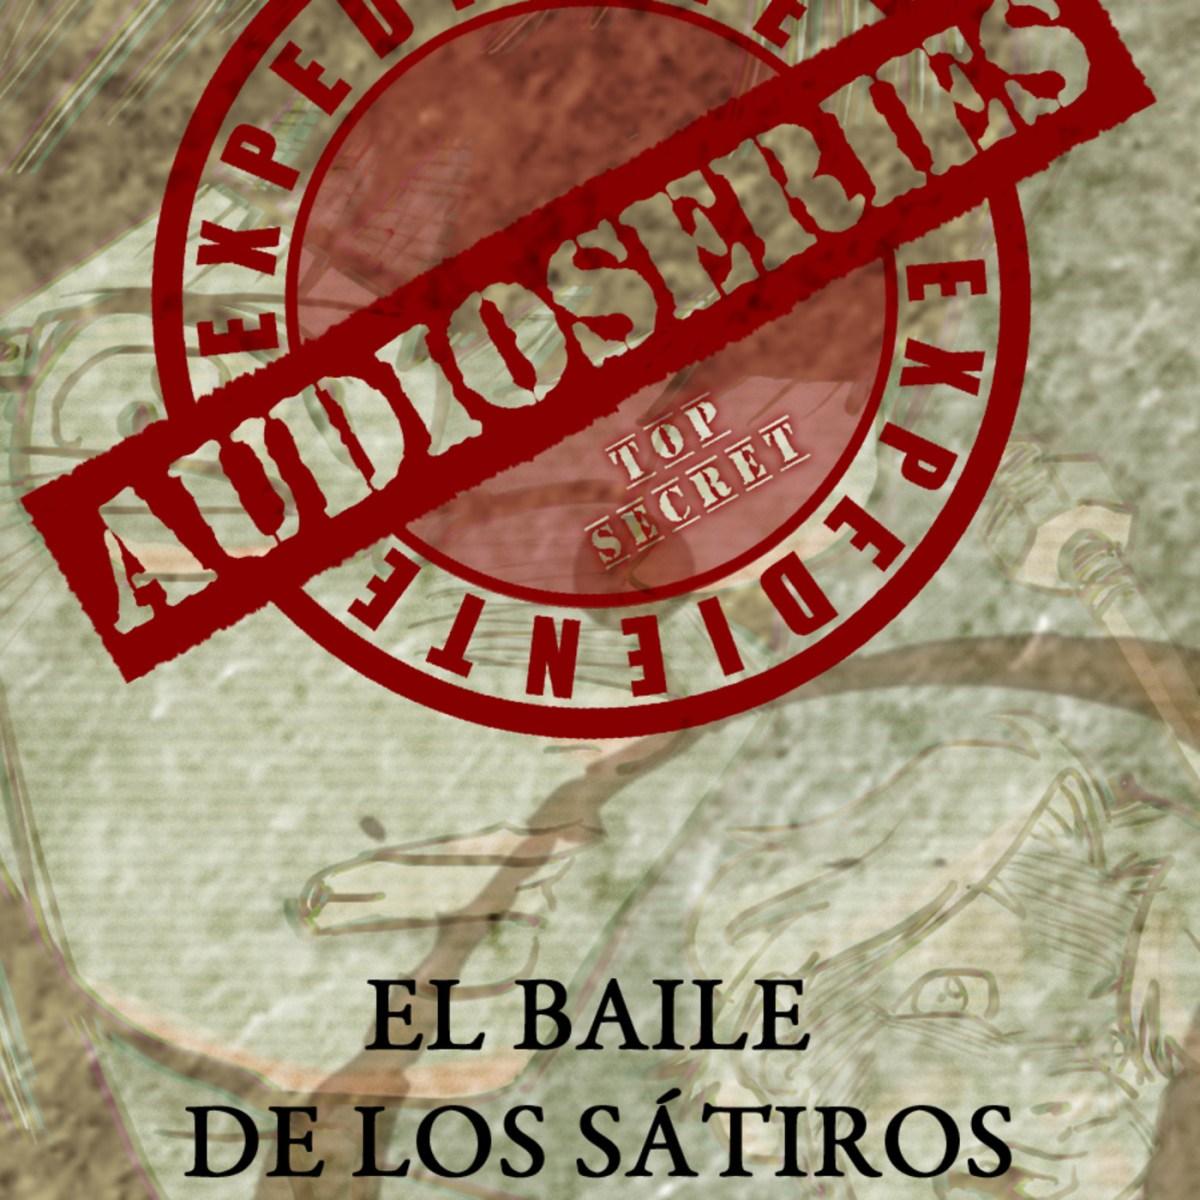 Expediente Audioseries – El Baile de los Satiros (tertulia / analisis)